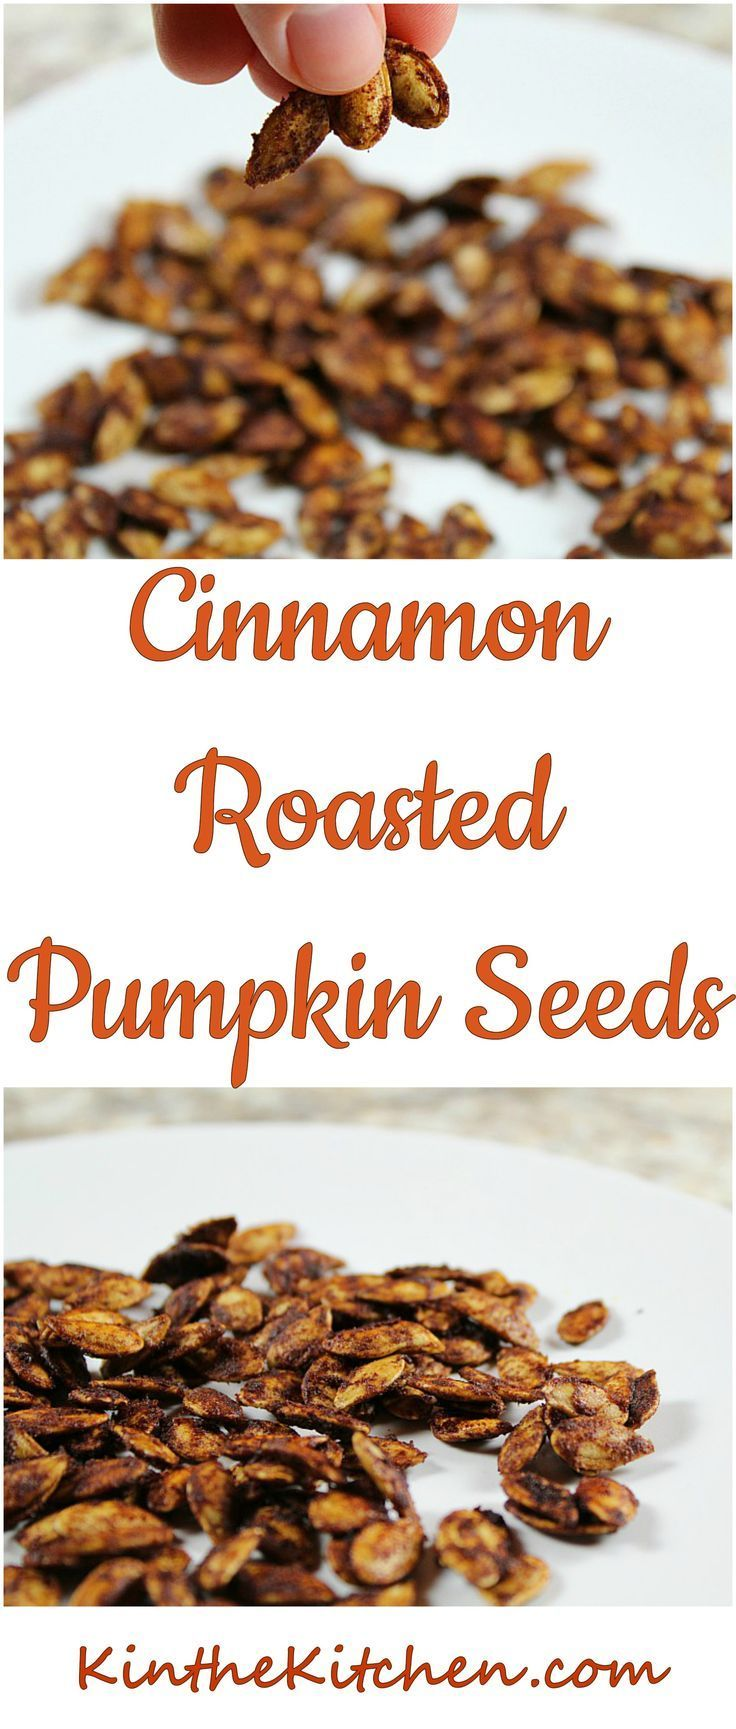 Cinnamon Roasted Pumpkin Seeds ,  #boilingpumpkinseeds #Cinnamon #pumpkin #roasted #seeds #roastingpumpkinseeds Cinnamon Roasted Pumpkin Seeds ,  #boilingpumpkinseeds #Cinnamon #pumpkin #roasted #seeds #roastedpumpkinseeds